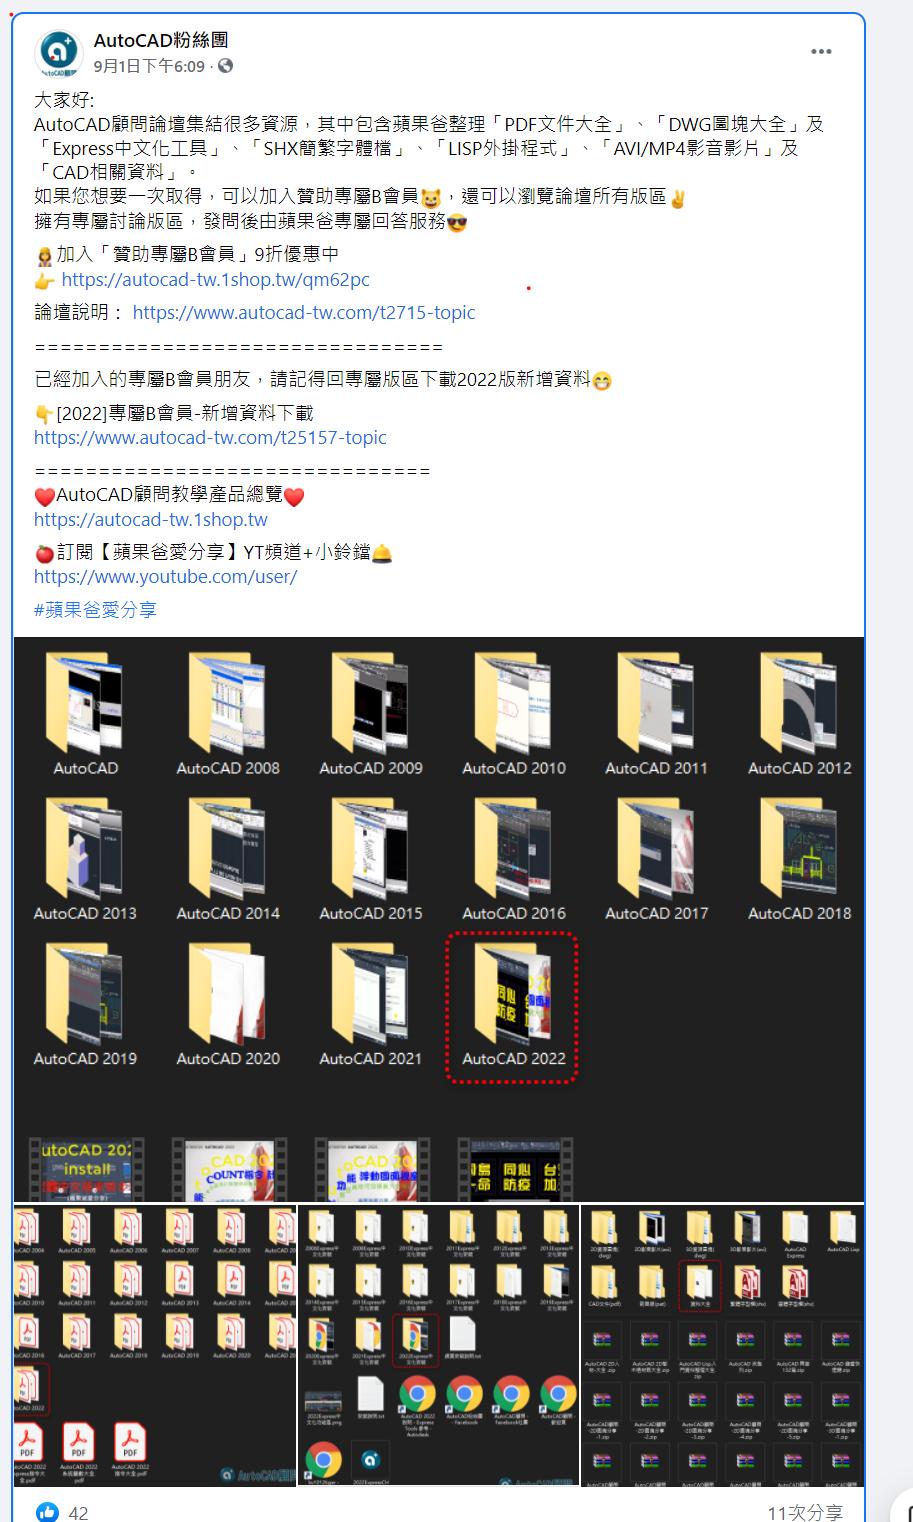 [限時下載]AutoCAD 2022 Express中文化版程式...任務篇(已結束) Ezsuzo10